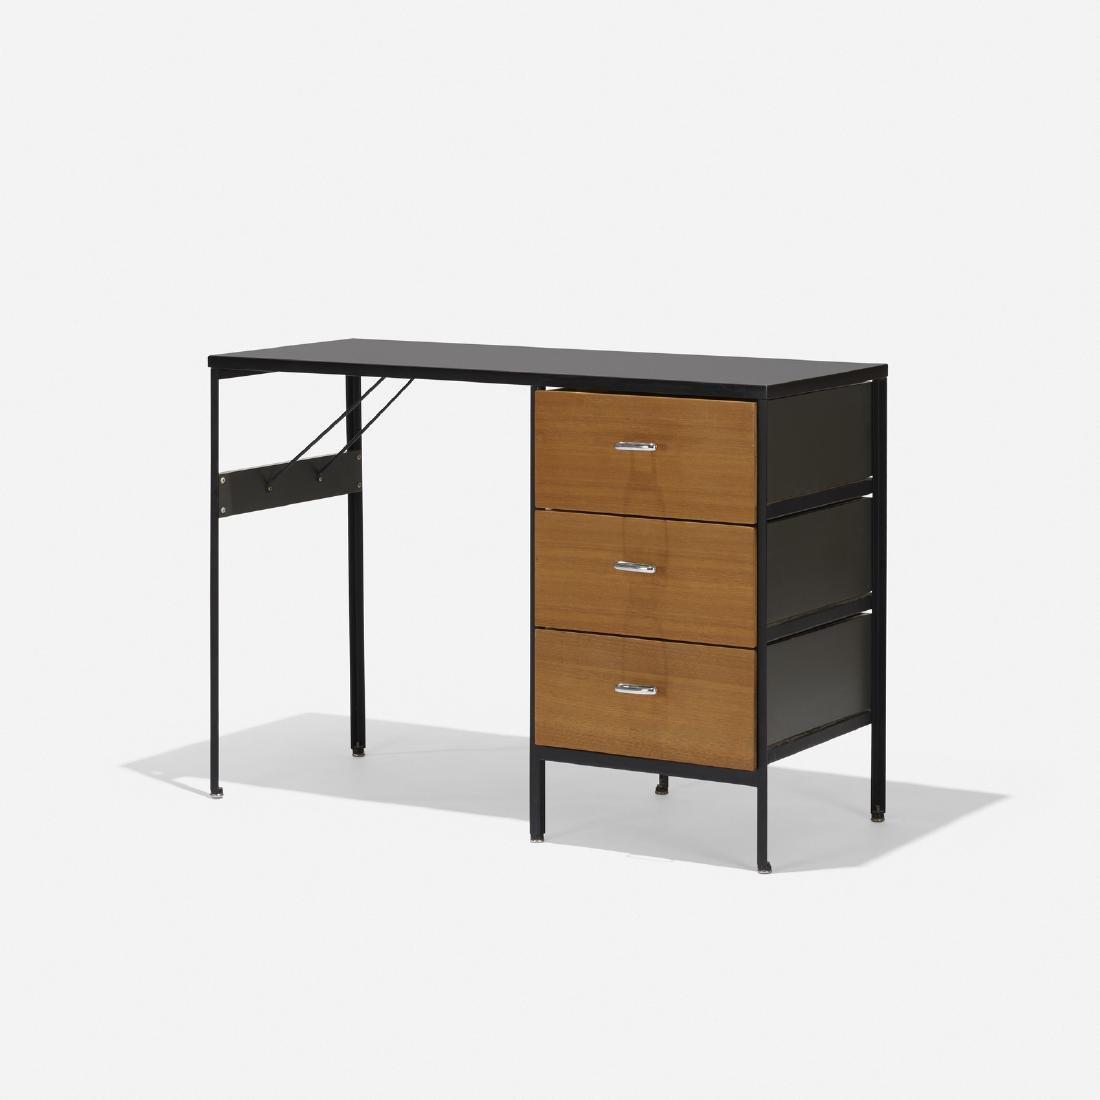 George Nelson & Associates, Steelframe desk, model 4111